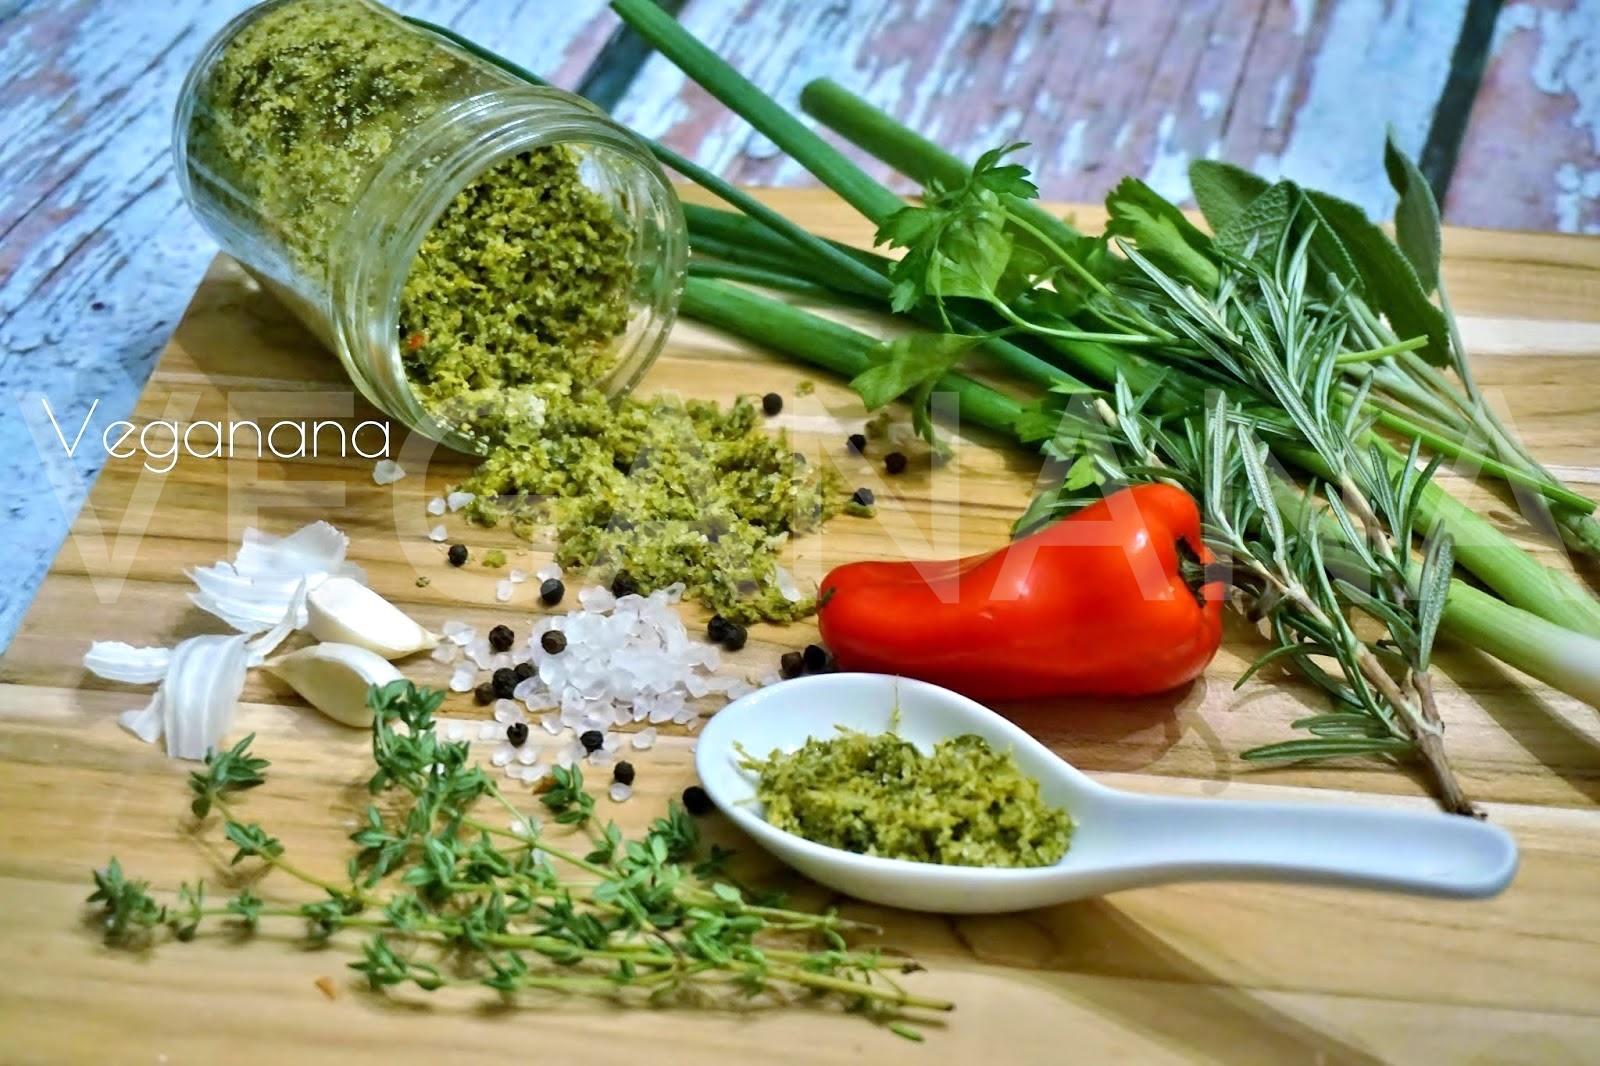 Veganana: Sal com Ervas Frescas